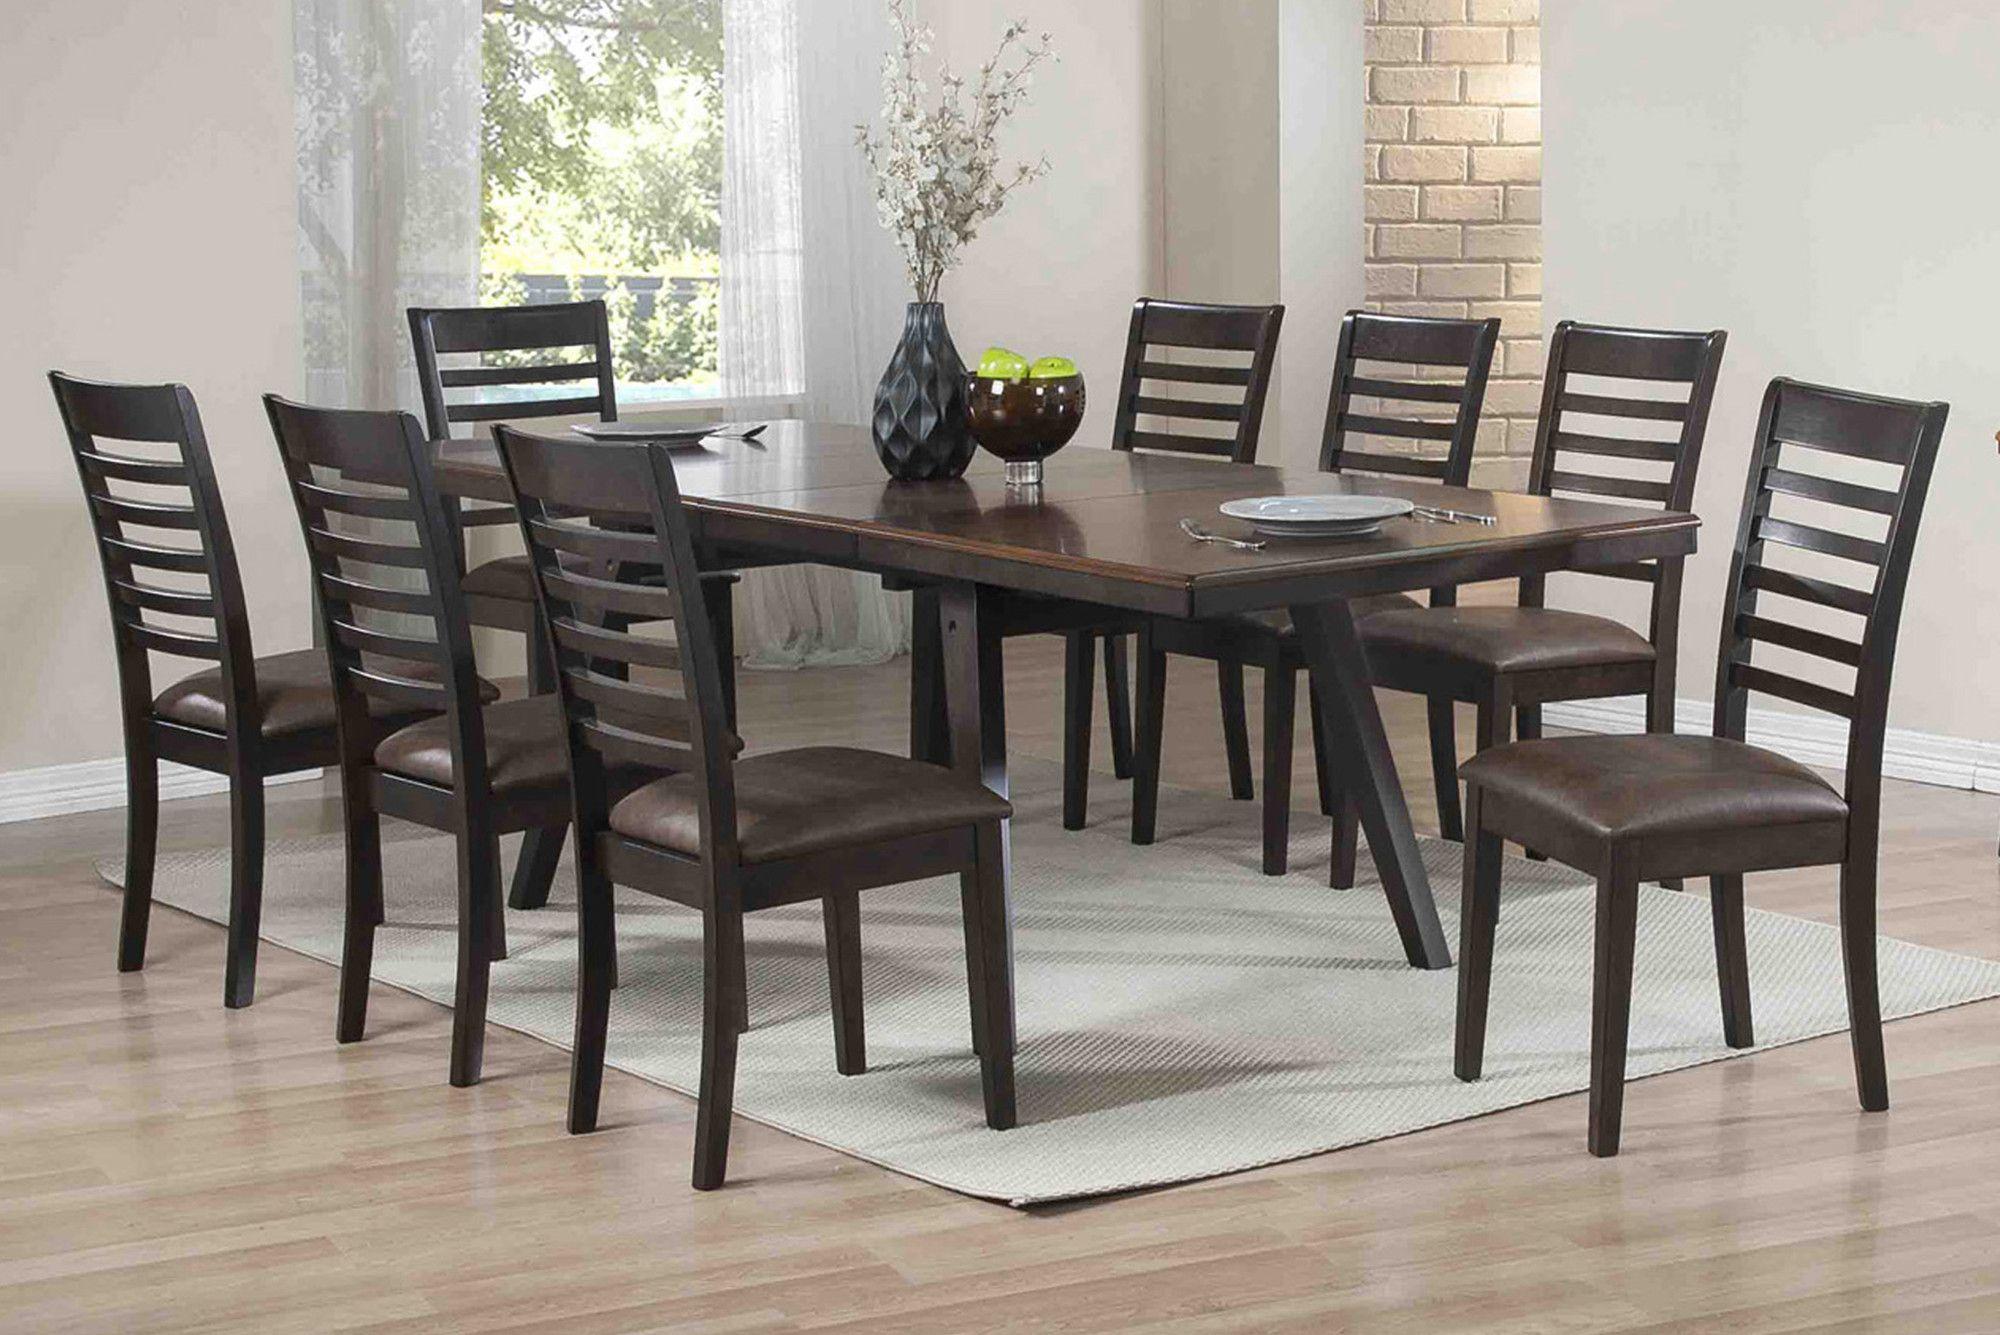 Lexingtonn Extendable Dining Table Wayfair 38 X 102 751 Dining Table Dining Table In Kitchen Beautiful Dining Rooms